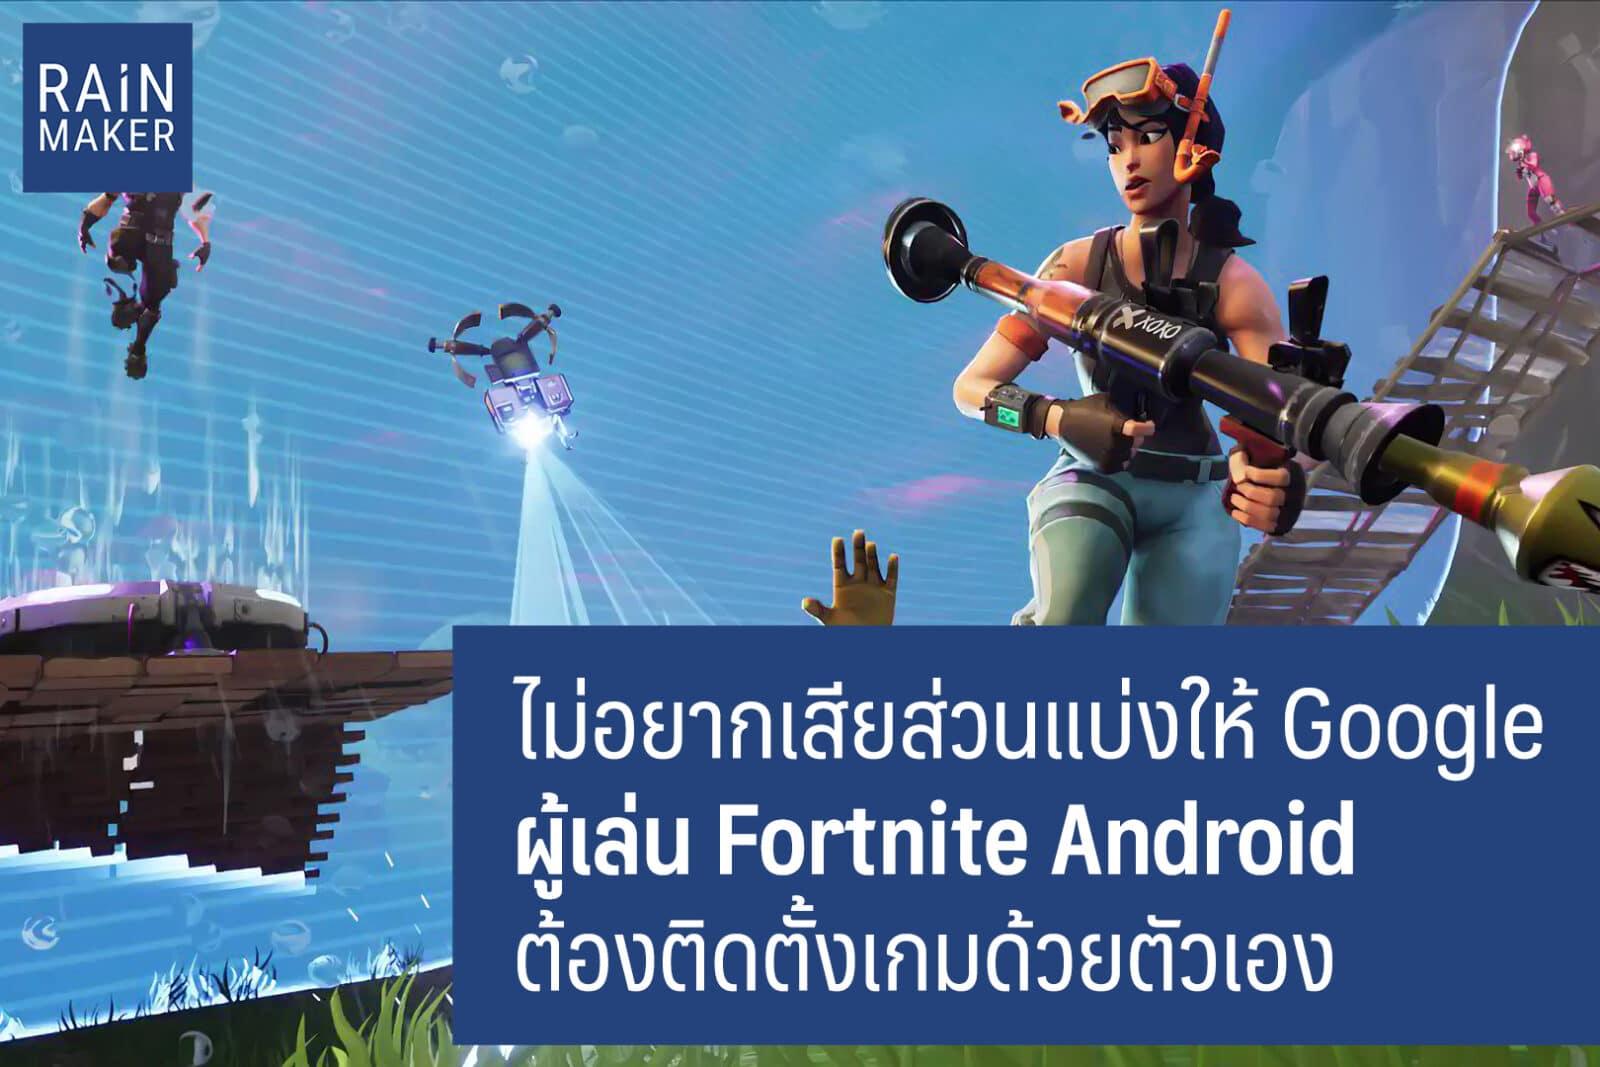 ไม่อยากเสียส่วนแบ่งให้ Google ผู้เล่น Fortnite Android ต้องติดตั้งเกมด้วยตัวเอง